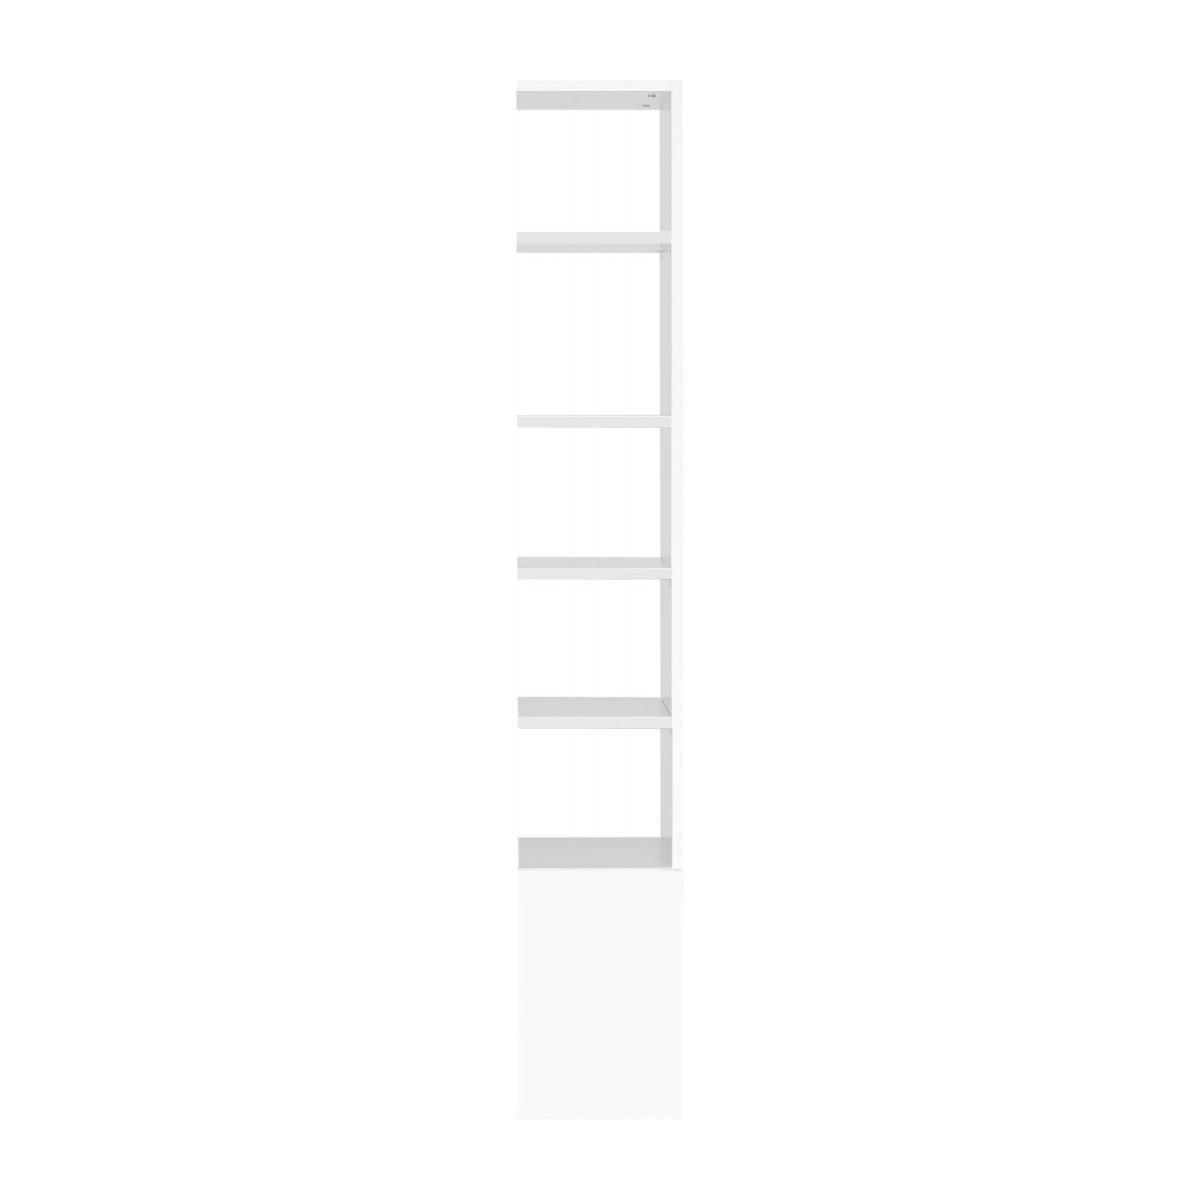 Full Size of Hohes Regal Neuheit Paidi 2017 Carlo Mit 5 Offenen Dvd Regale Kleiderschrank 50 Cm Breit Kisten Sheesham Paternoster Tv Cd Massivholz Soft Plus Kleines Weiß Regal Regal Günstig